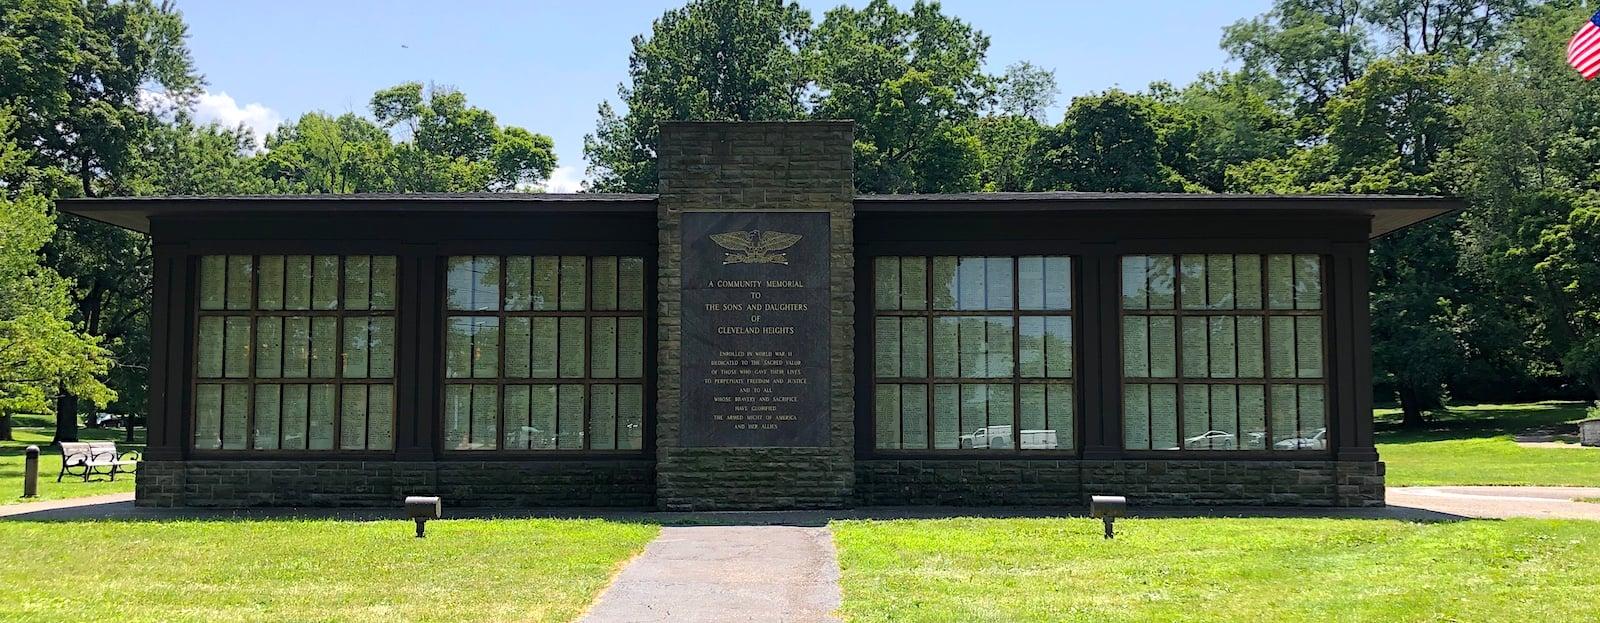 World War II Memorial - Cleveland Heights